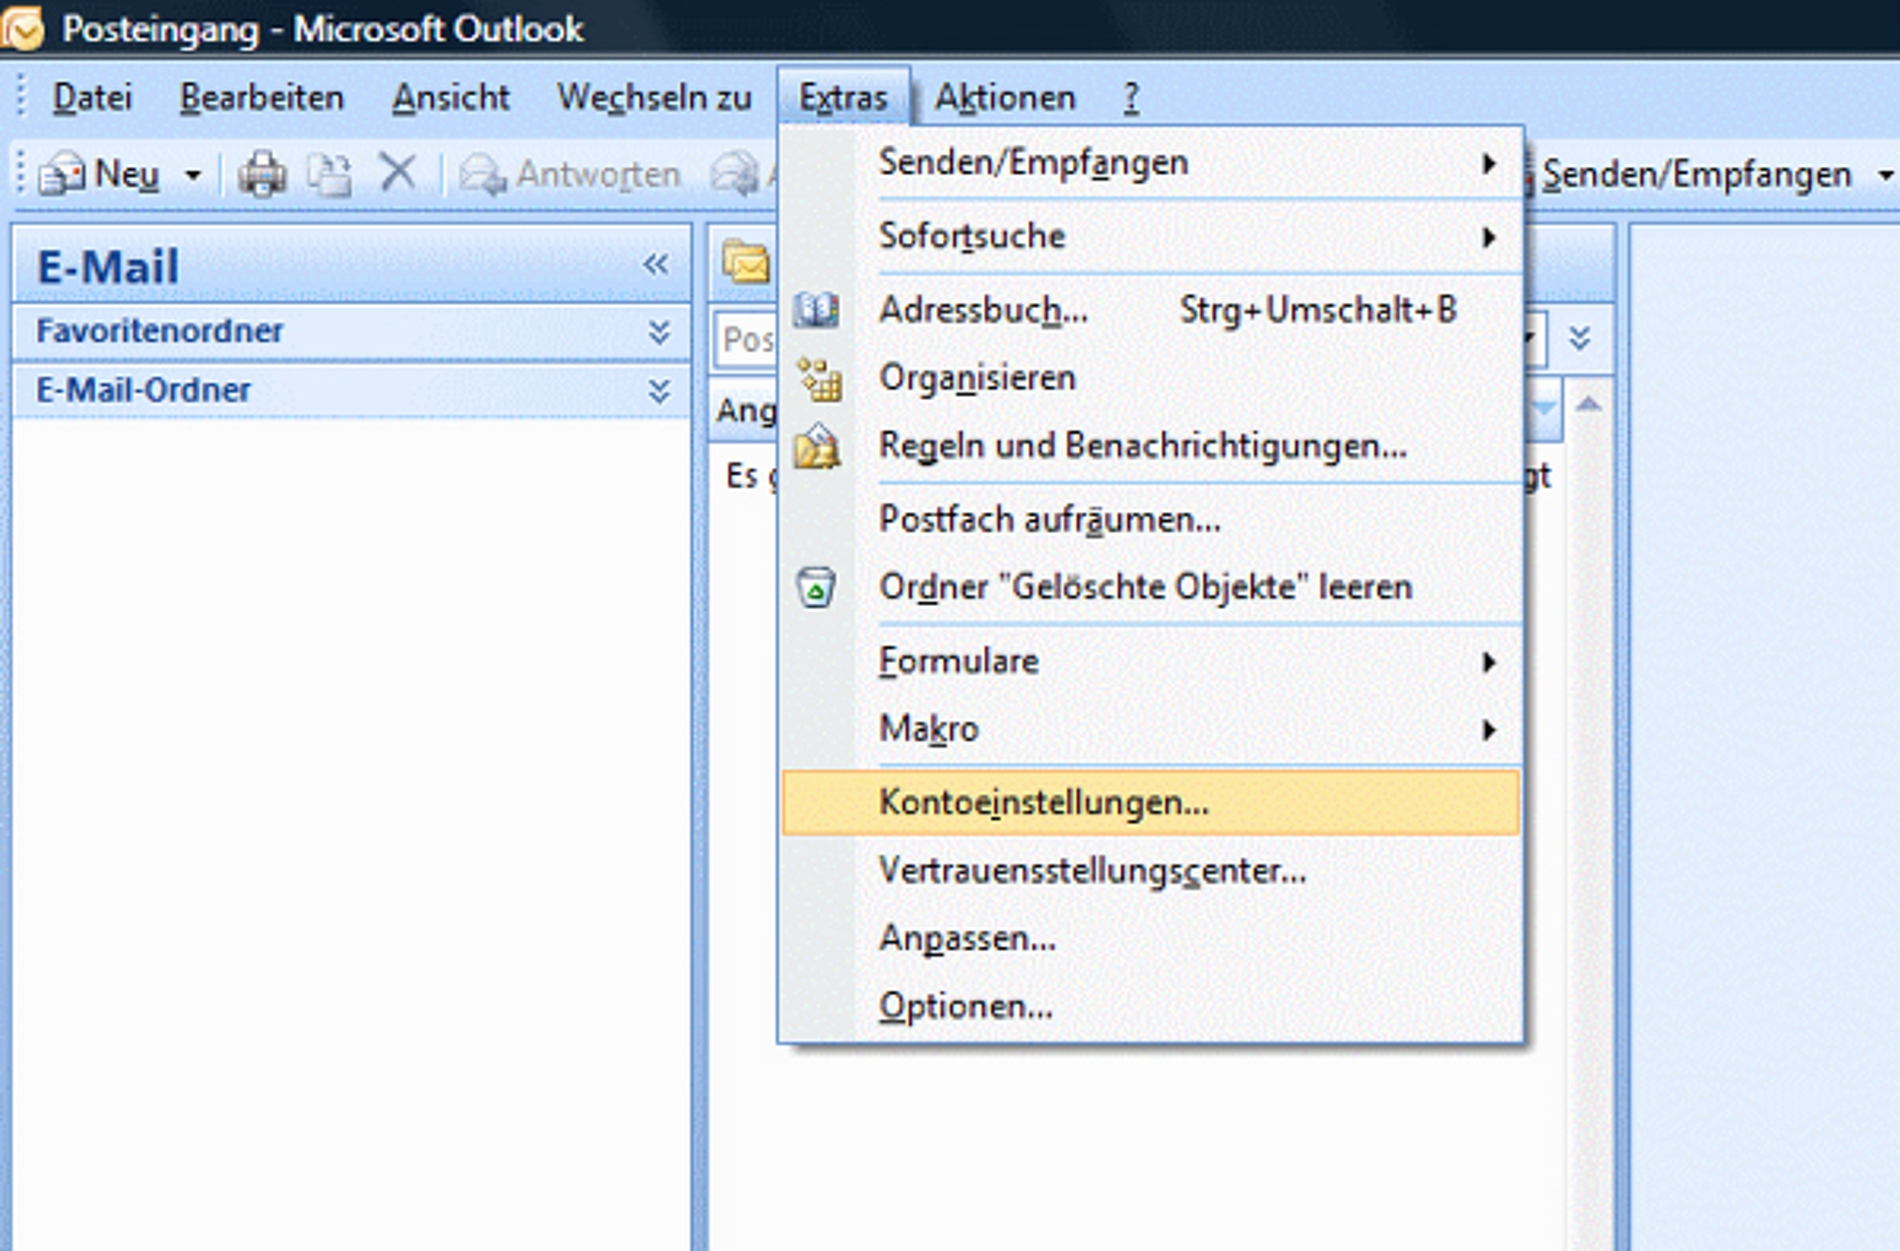 Anleitung zum E-Mail-Konto einrichten - Microsoft Outlook 8